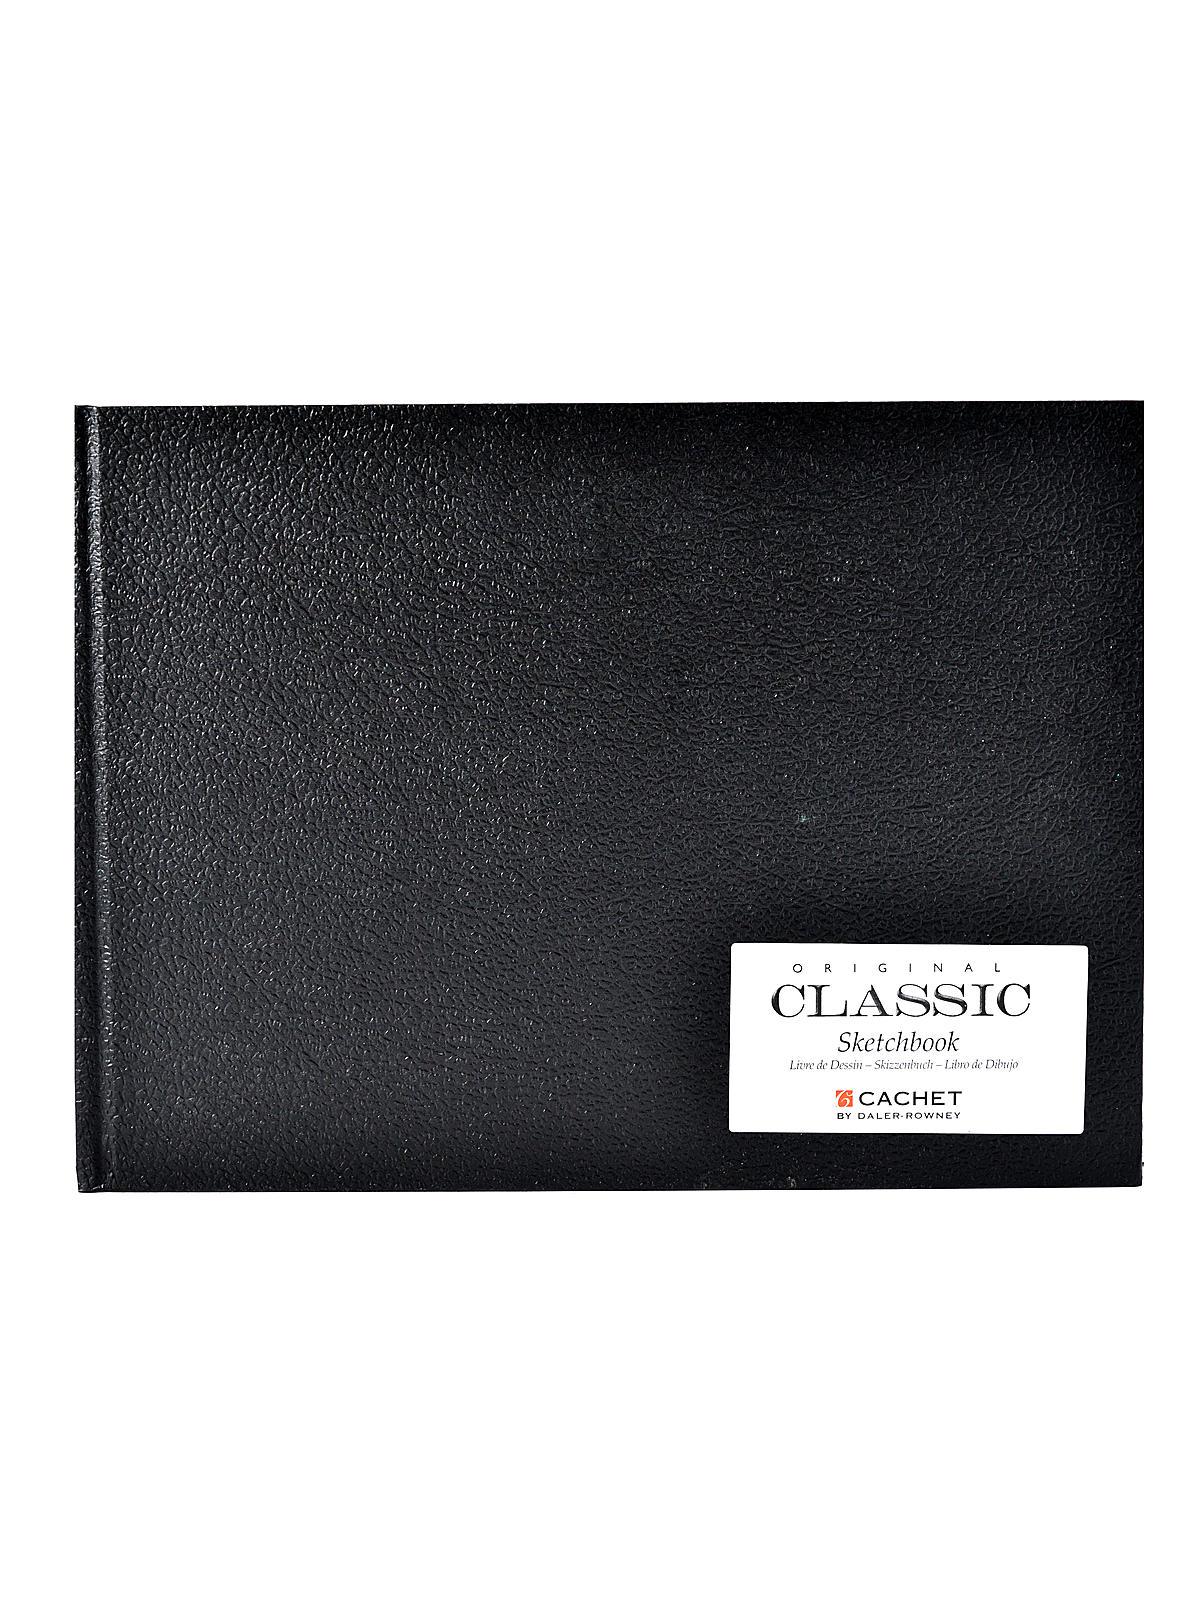 Classic Sketch Book